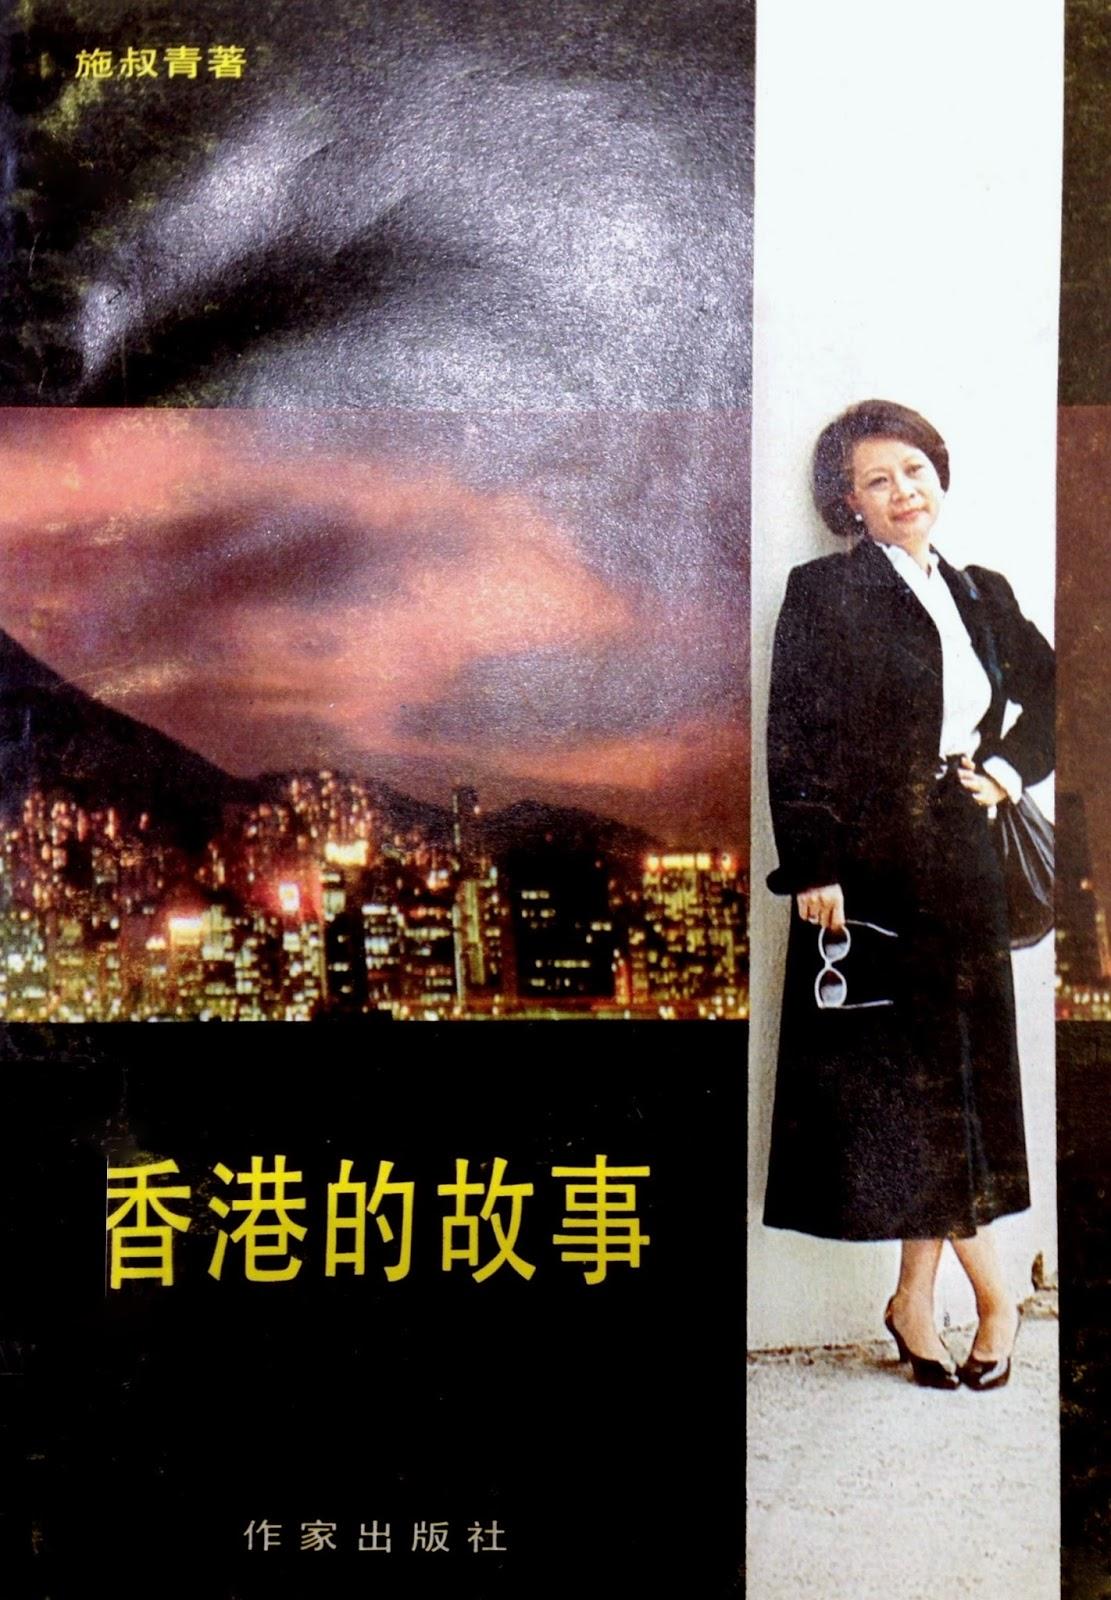 Stories of Hong Kong